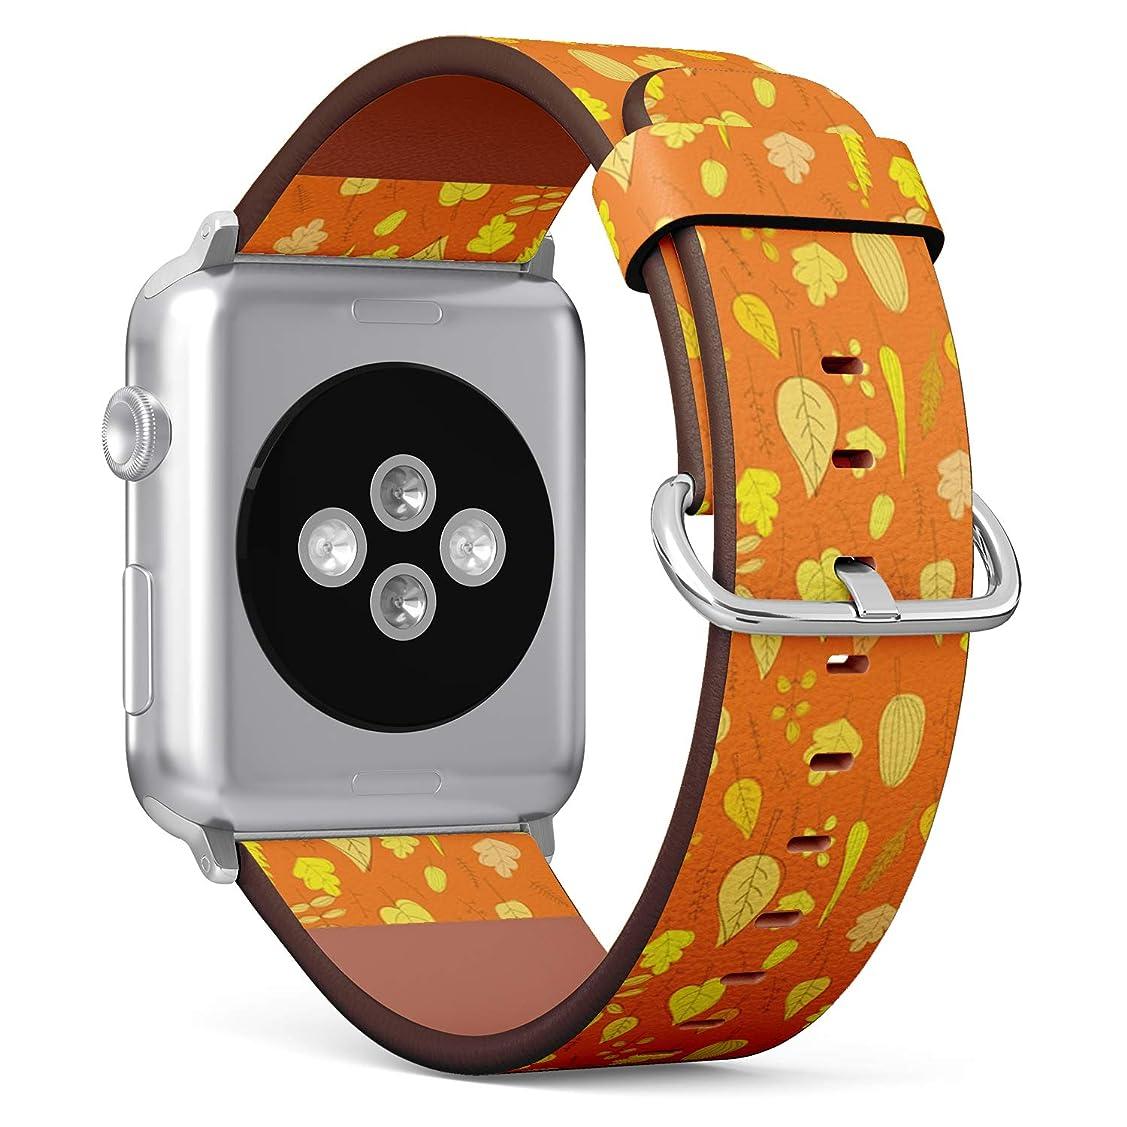 雄大な等価モットーコンパチブル Apple Watch iWatch 42mm & 44mm - 本革レザーストラップ, 向けのバンド交換ストラップです コンパチブル アップルウォッチ バンド (秋の葉)